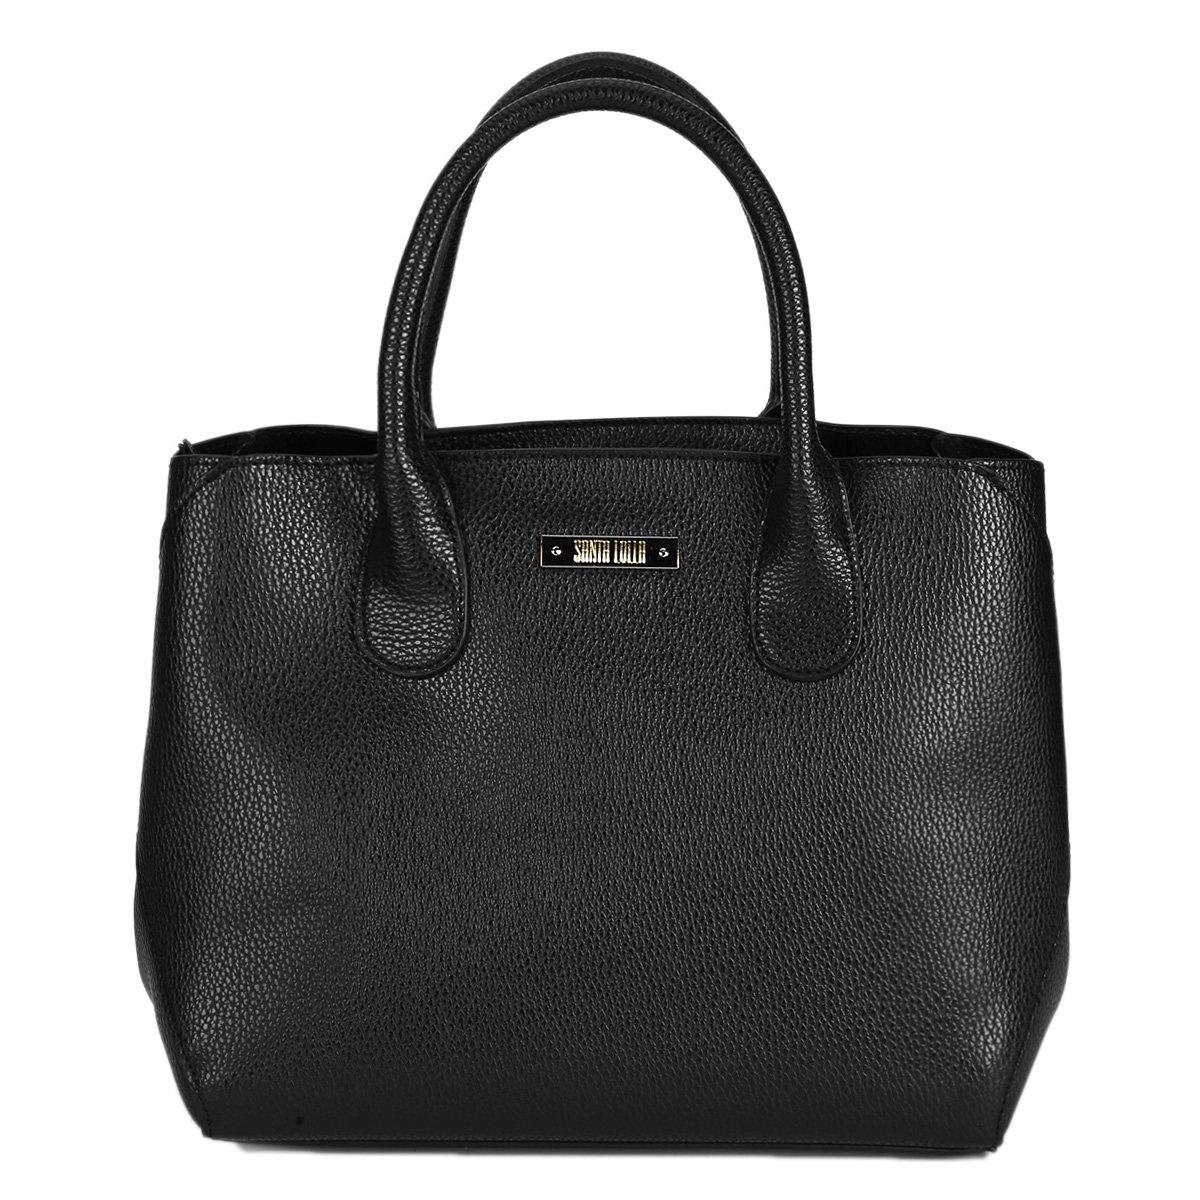 cb5b0404a Bolsa Santa Lolla Handbag Placa e Alça Transversal Feminina